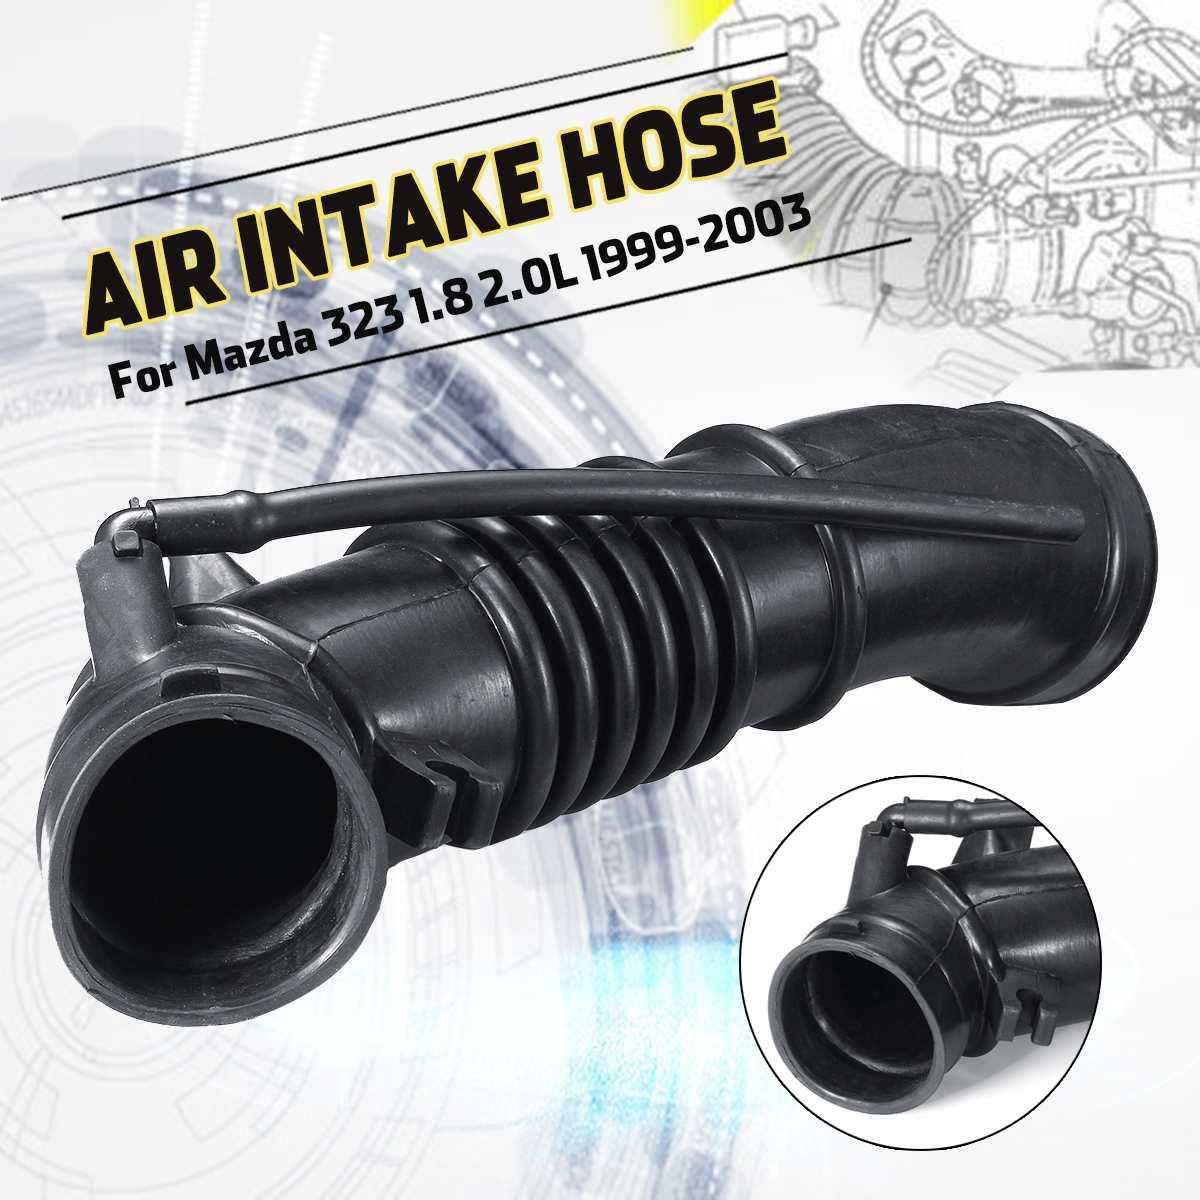 รถ Air Intake Manifold ท่อ FP47-13-220A สำหรับ Mazda Premacy 323 1.8 2.0L 1999-2003 Astina BJ สำหรับ ford Laser KN KQ